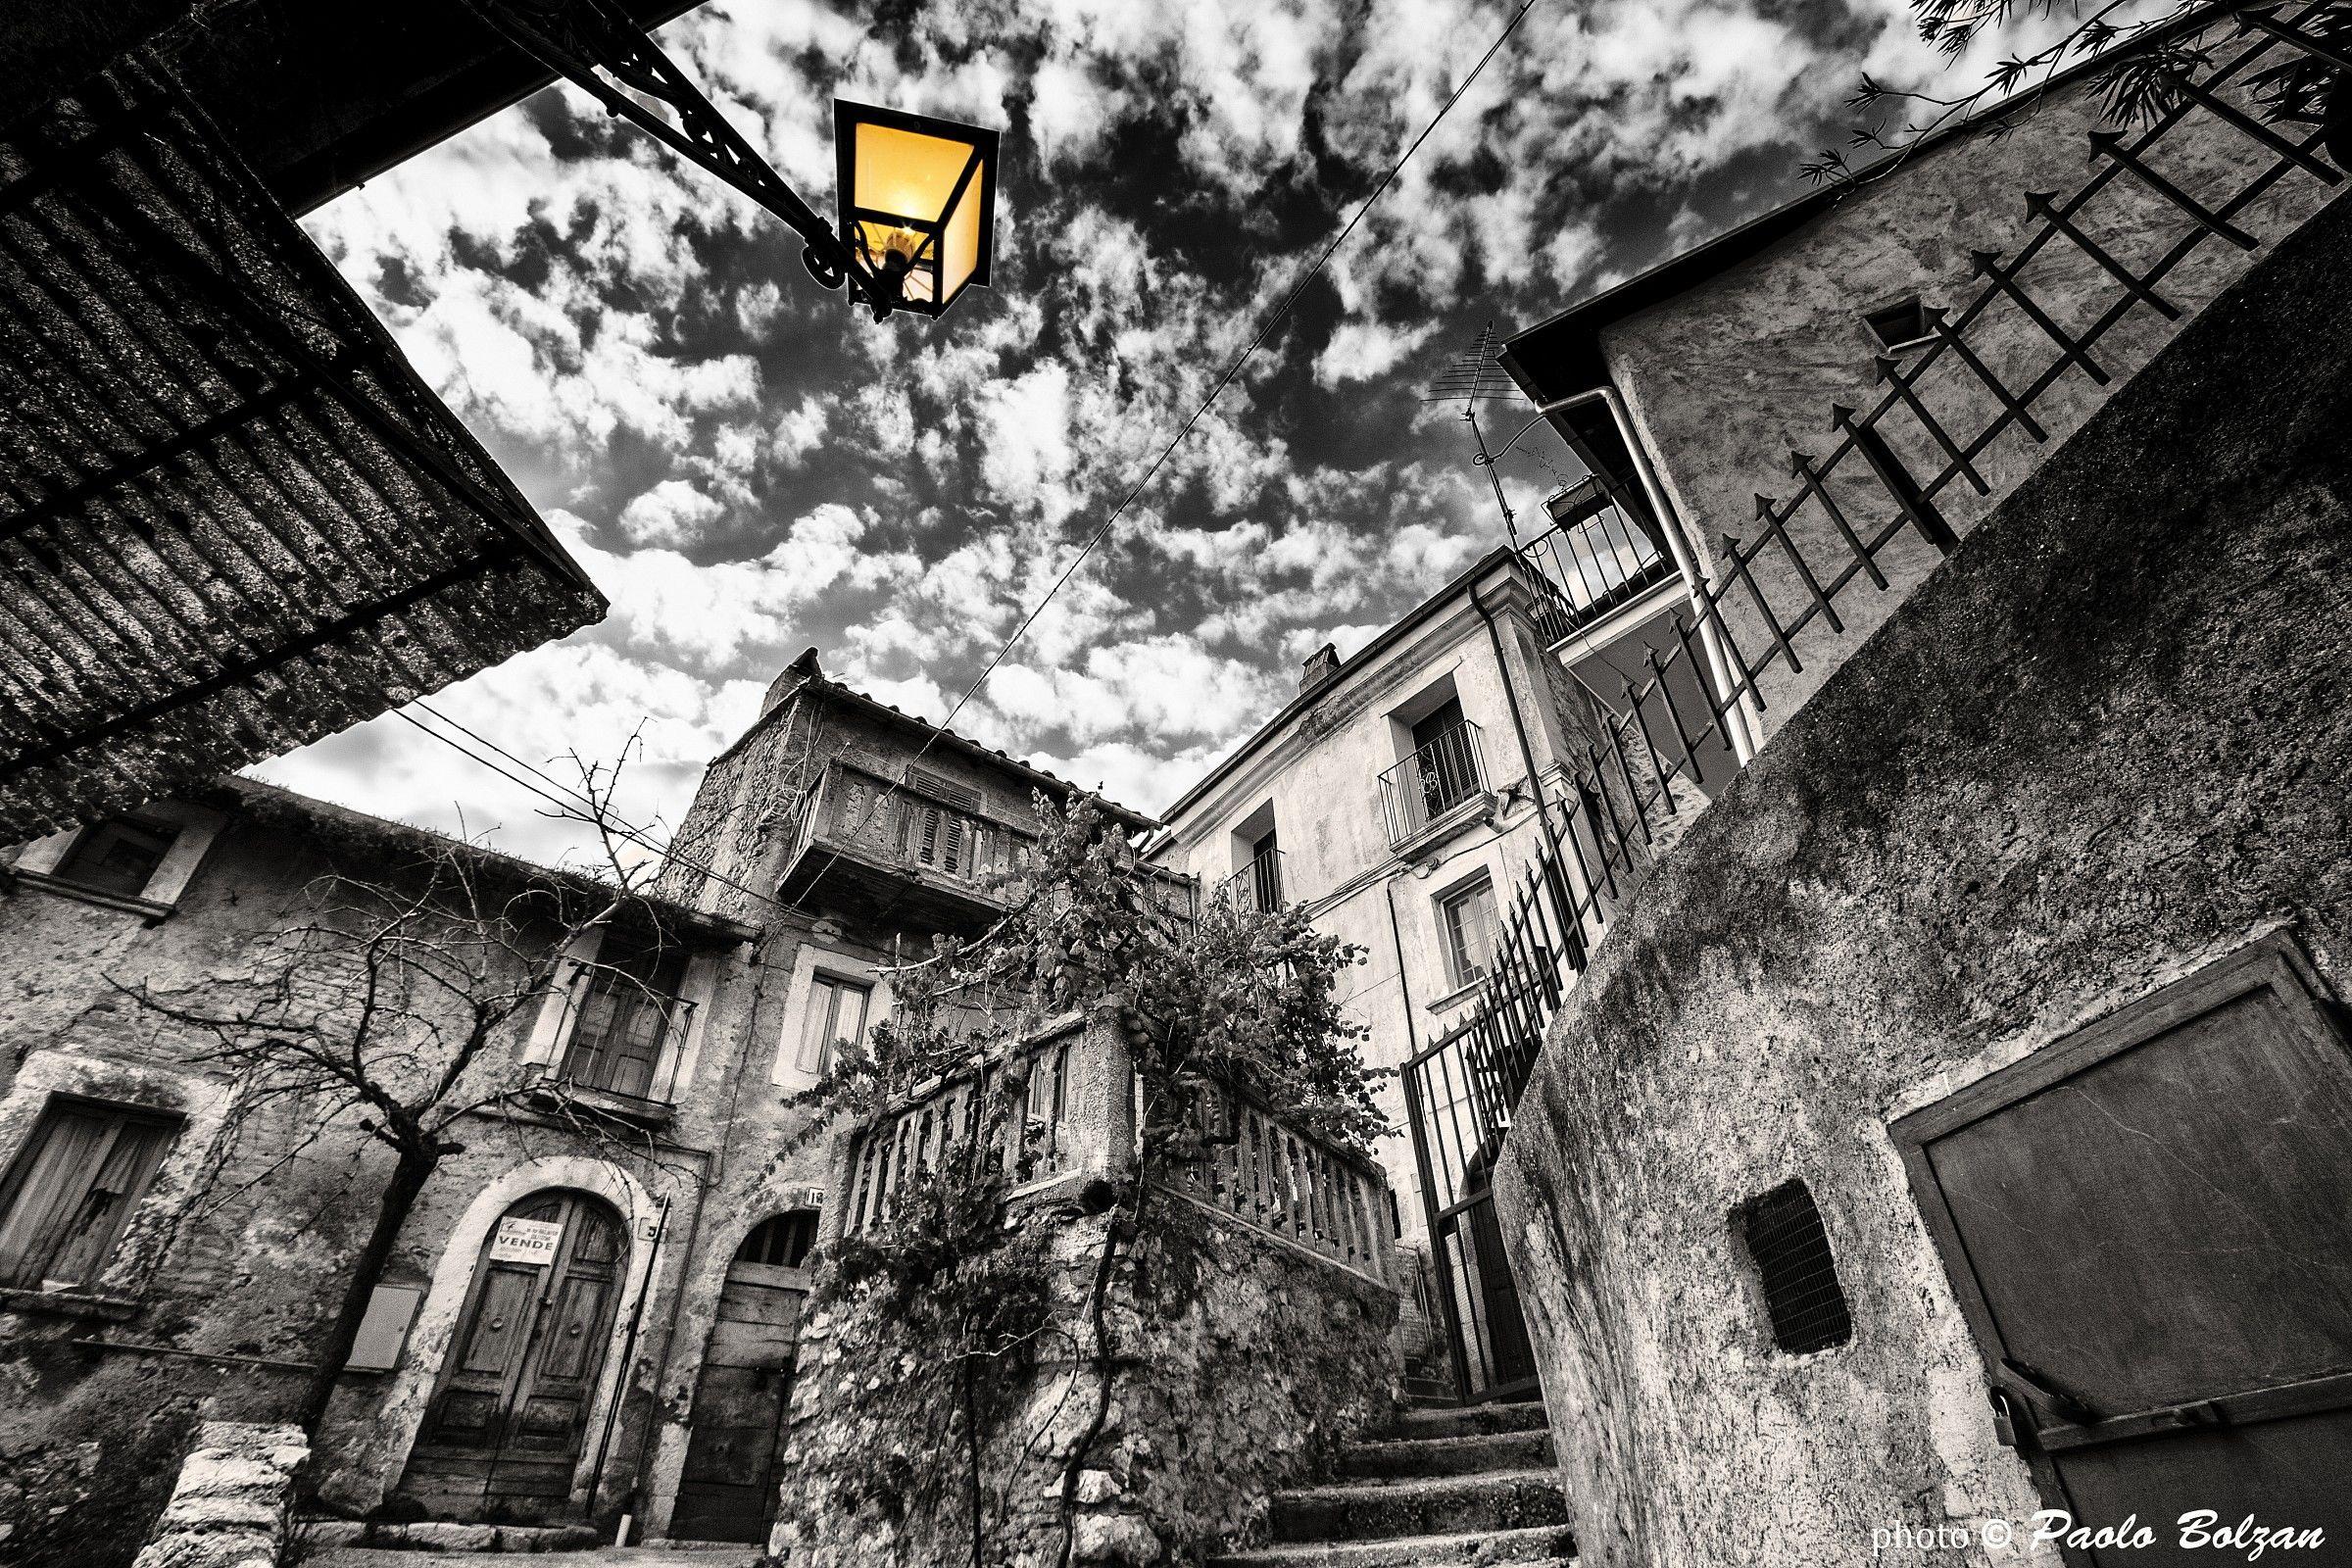 Abandoned village...